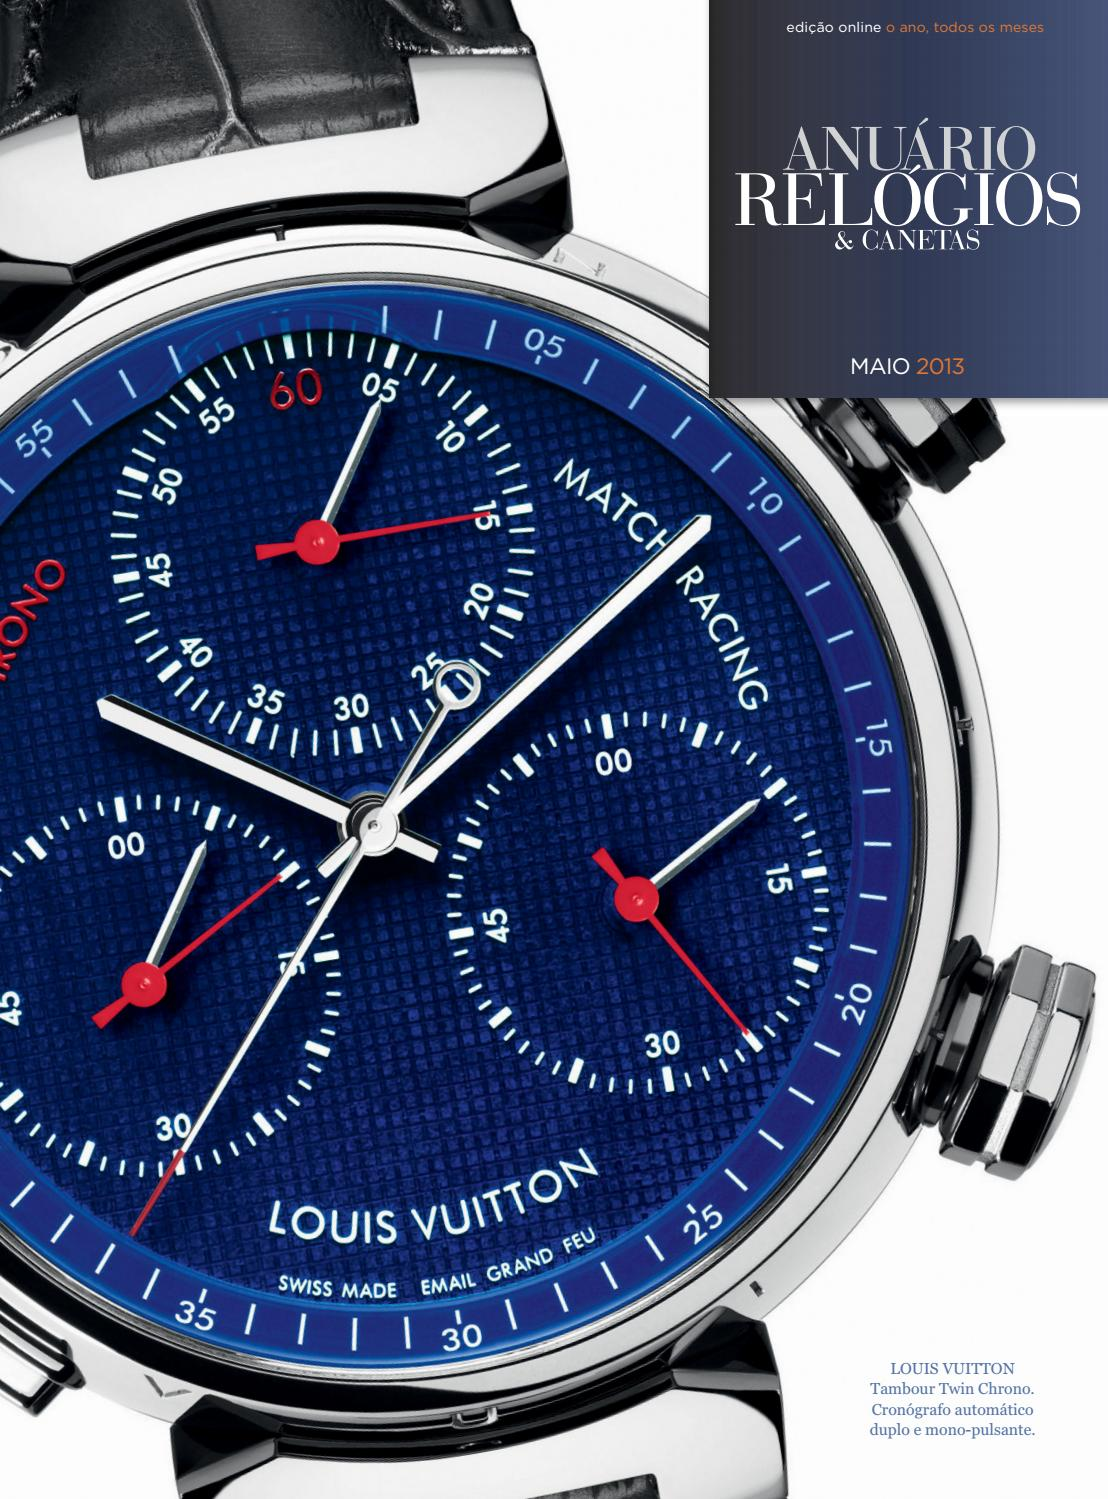 1b639c18b5e Anuário Relógios   Canetas - Maio 2013 by Anuário Relógios   Canetas - issuu